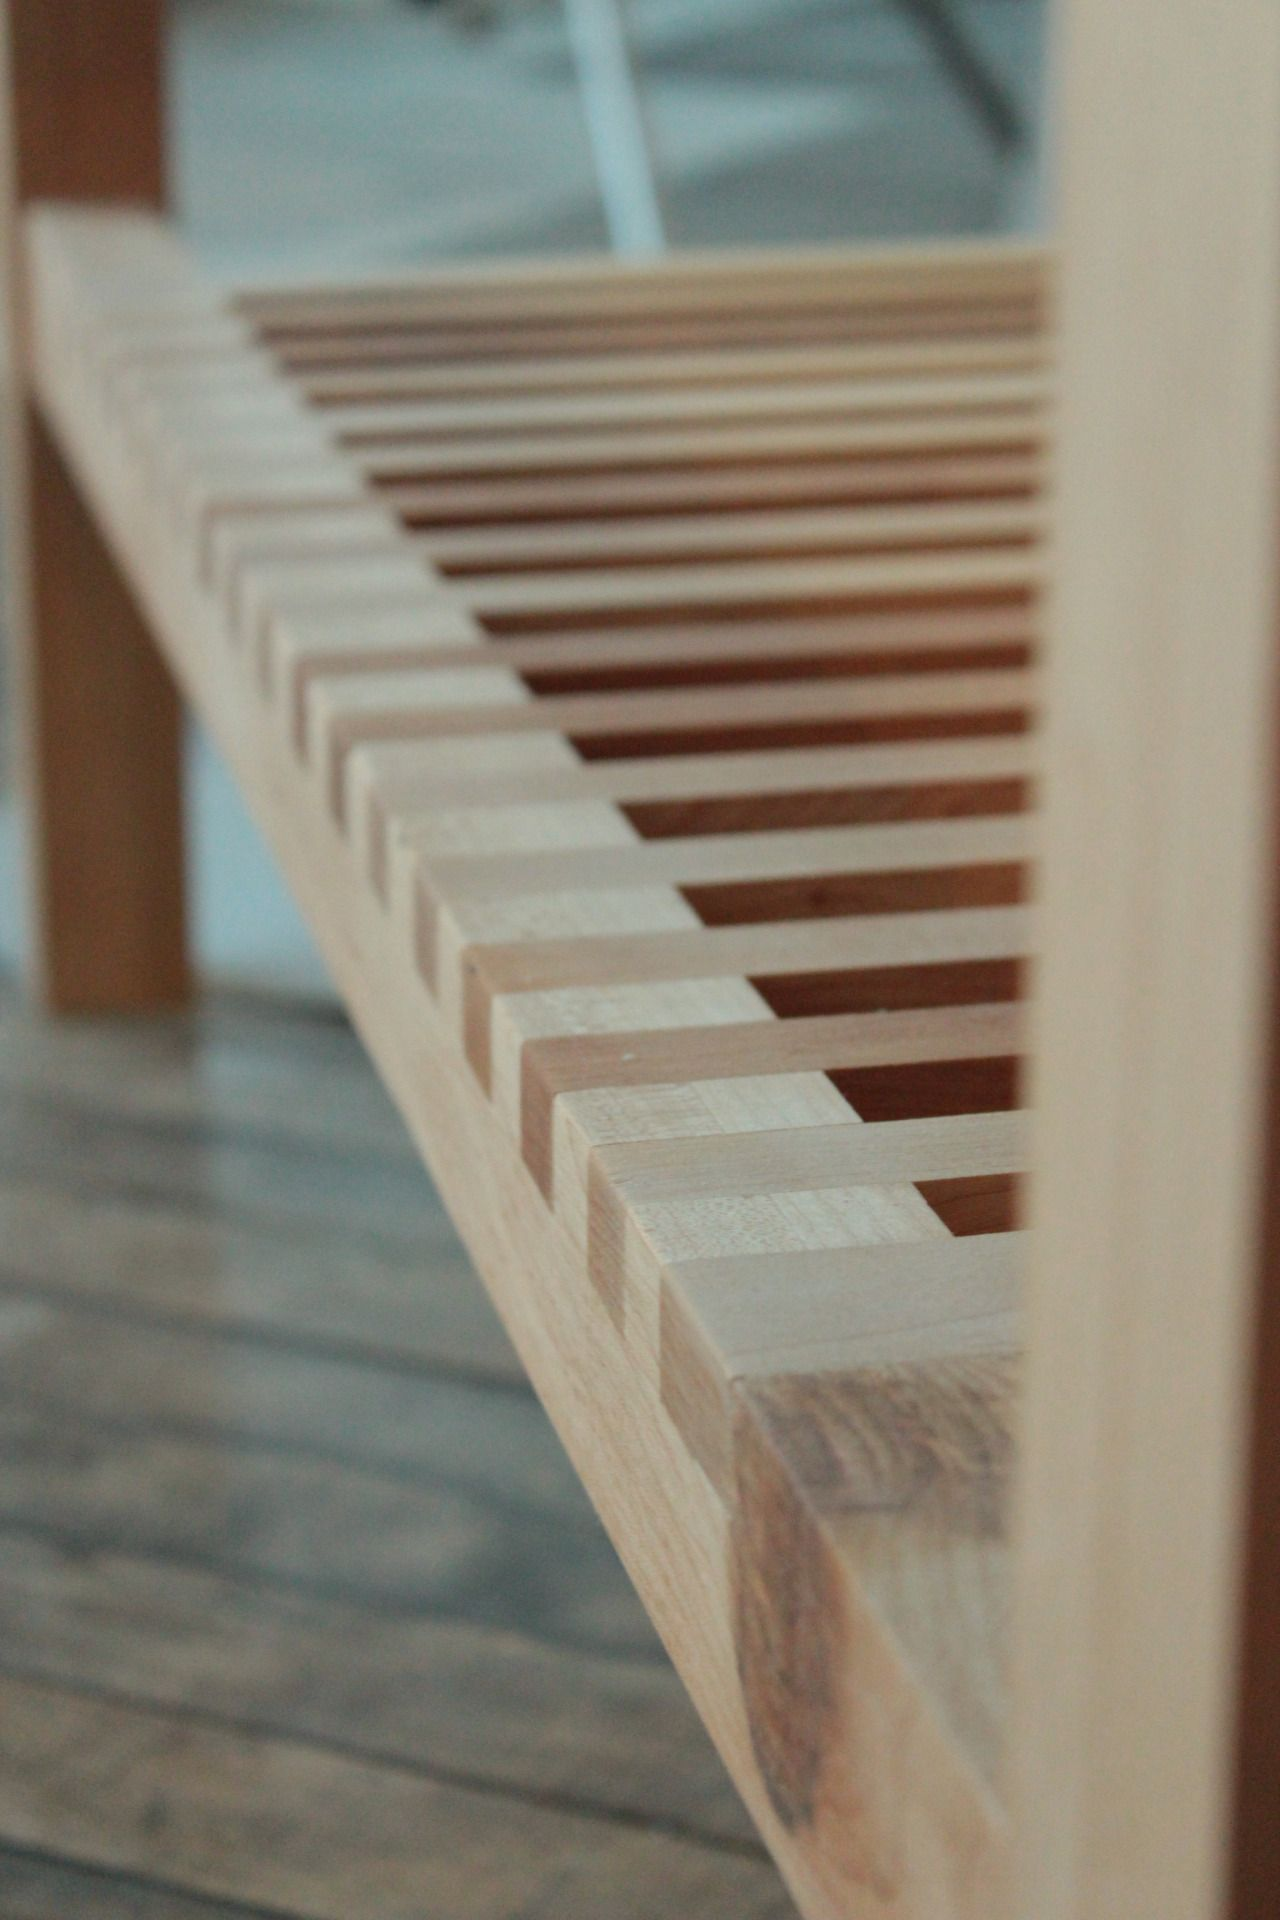 Marquesa Cama Catre Plataforma De Madera Mesa Wooden